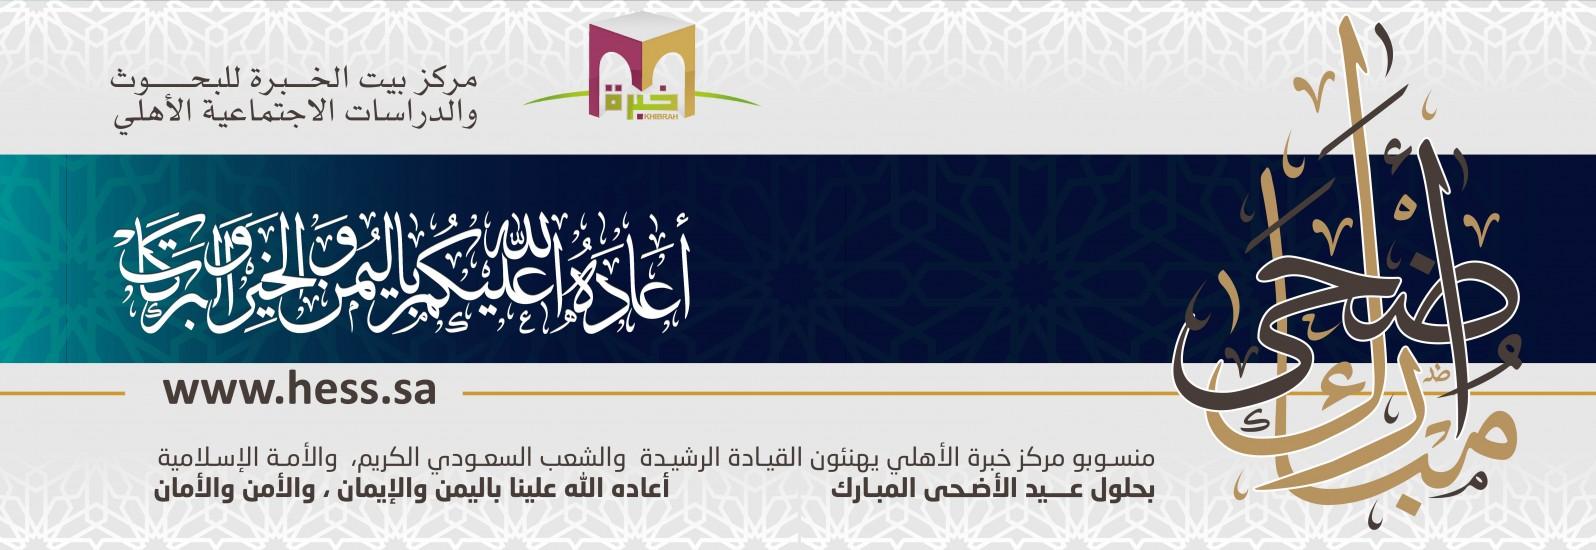 تهنئة مركز بيت الخبرة بعيد الأضحى المبارك